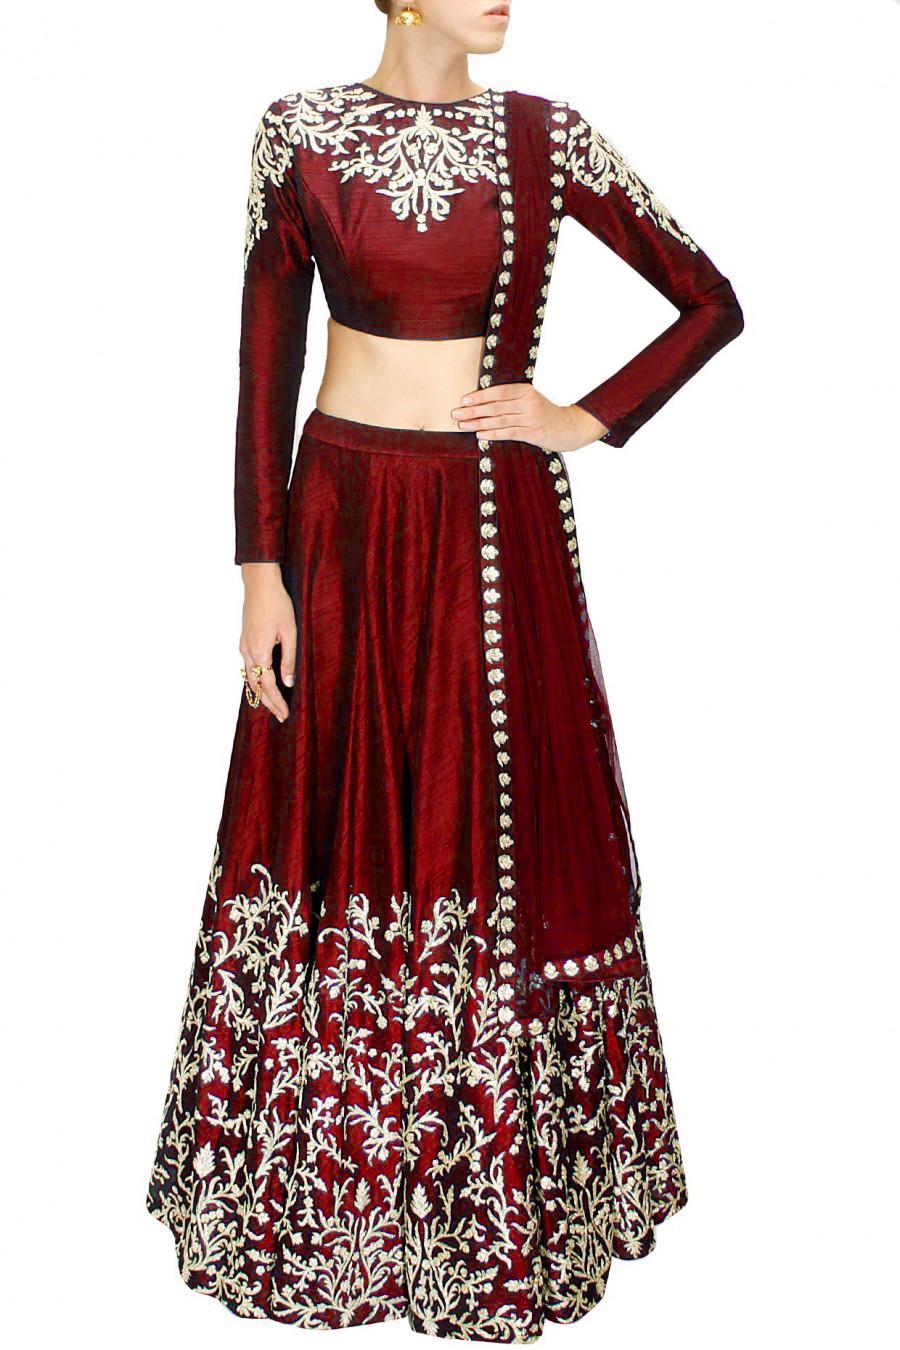 Craftsvilla Com Pashmina Suits: The Best Designs Of 2015: Sarees And Salwar Suits On